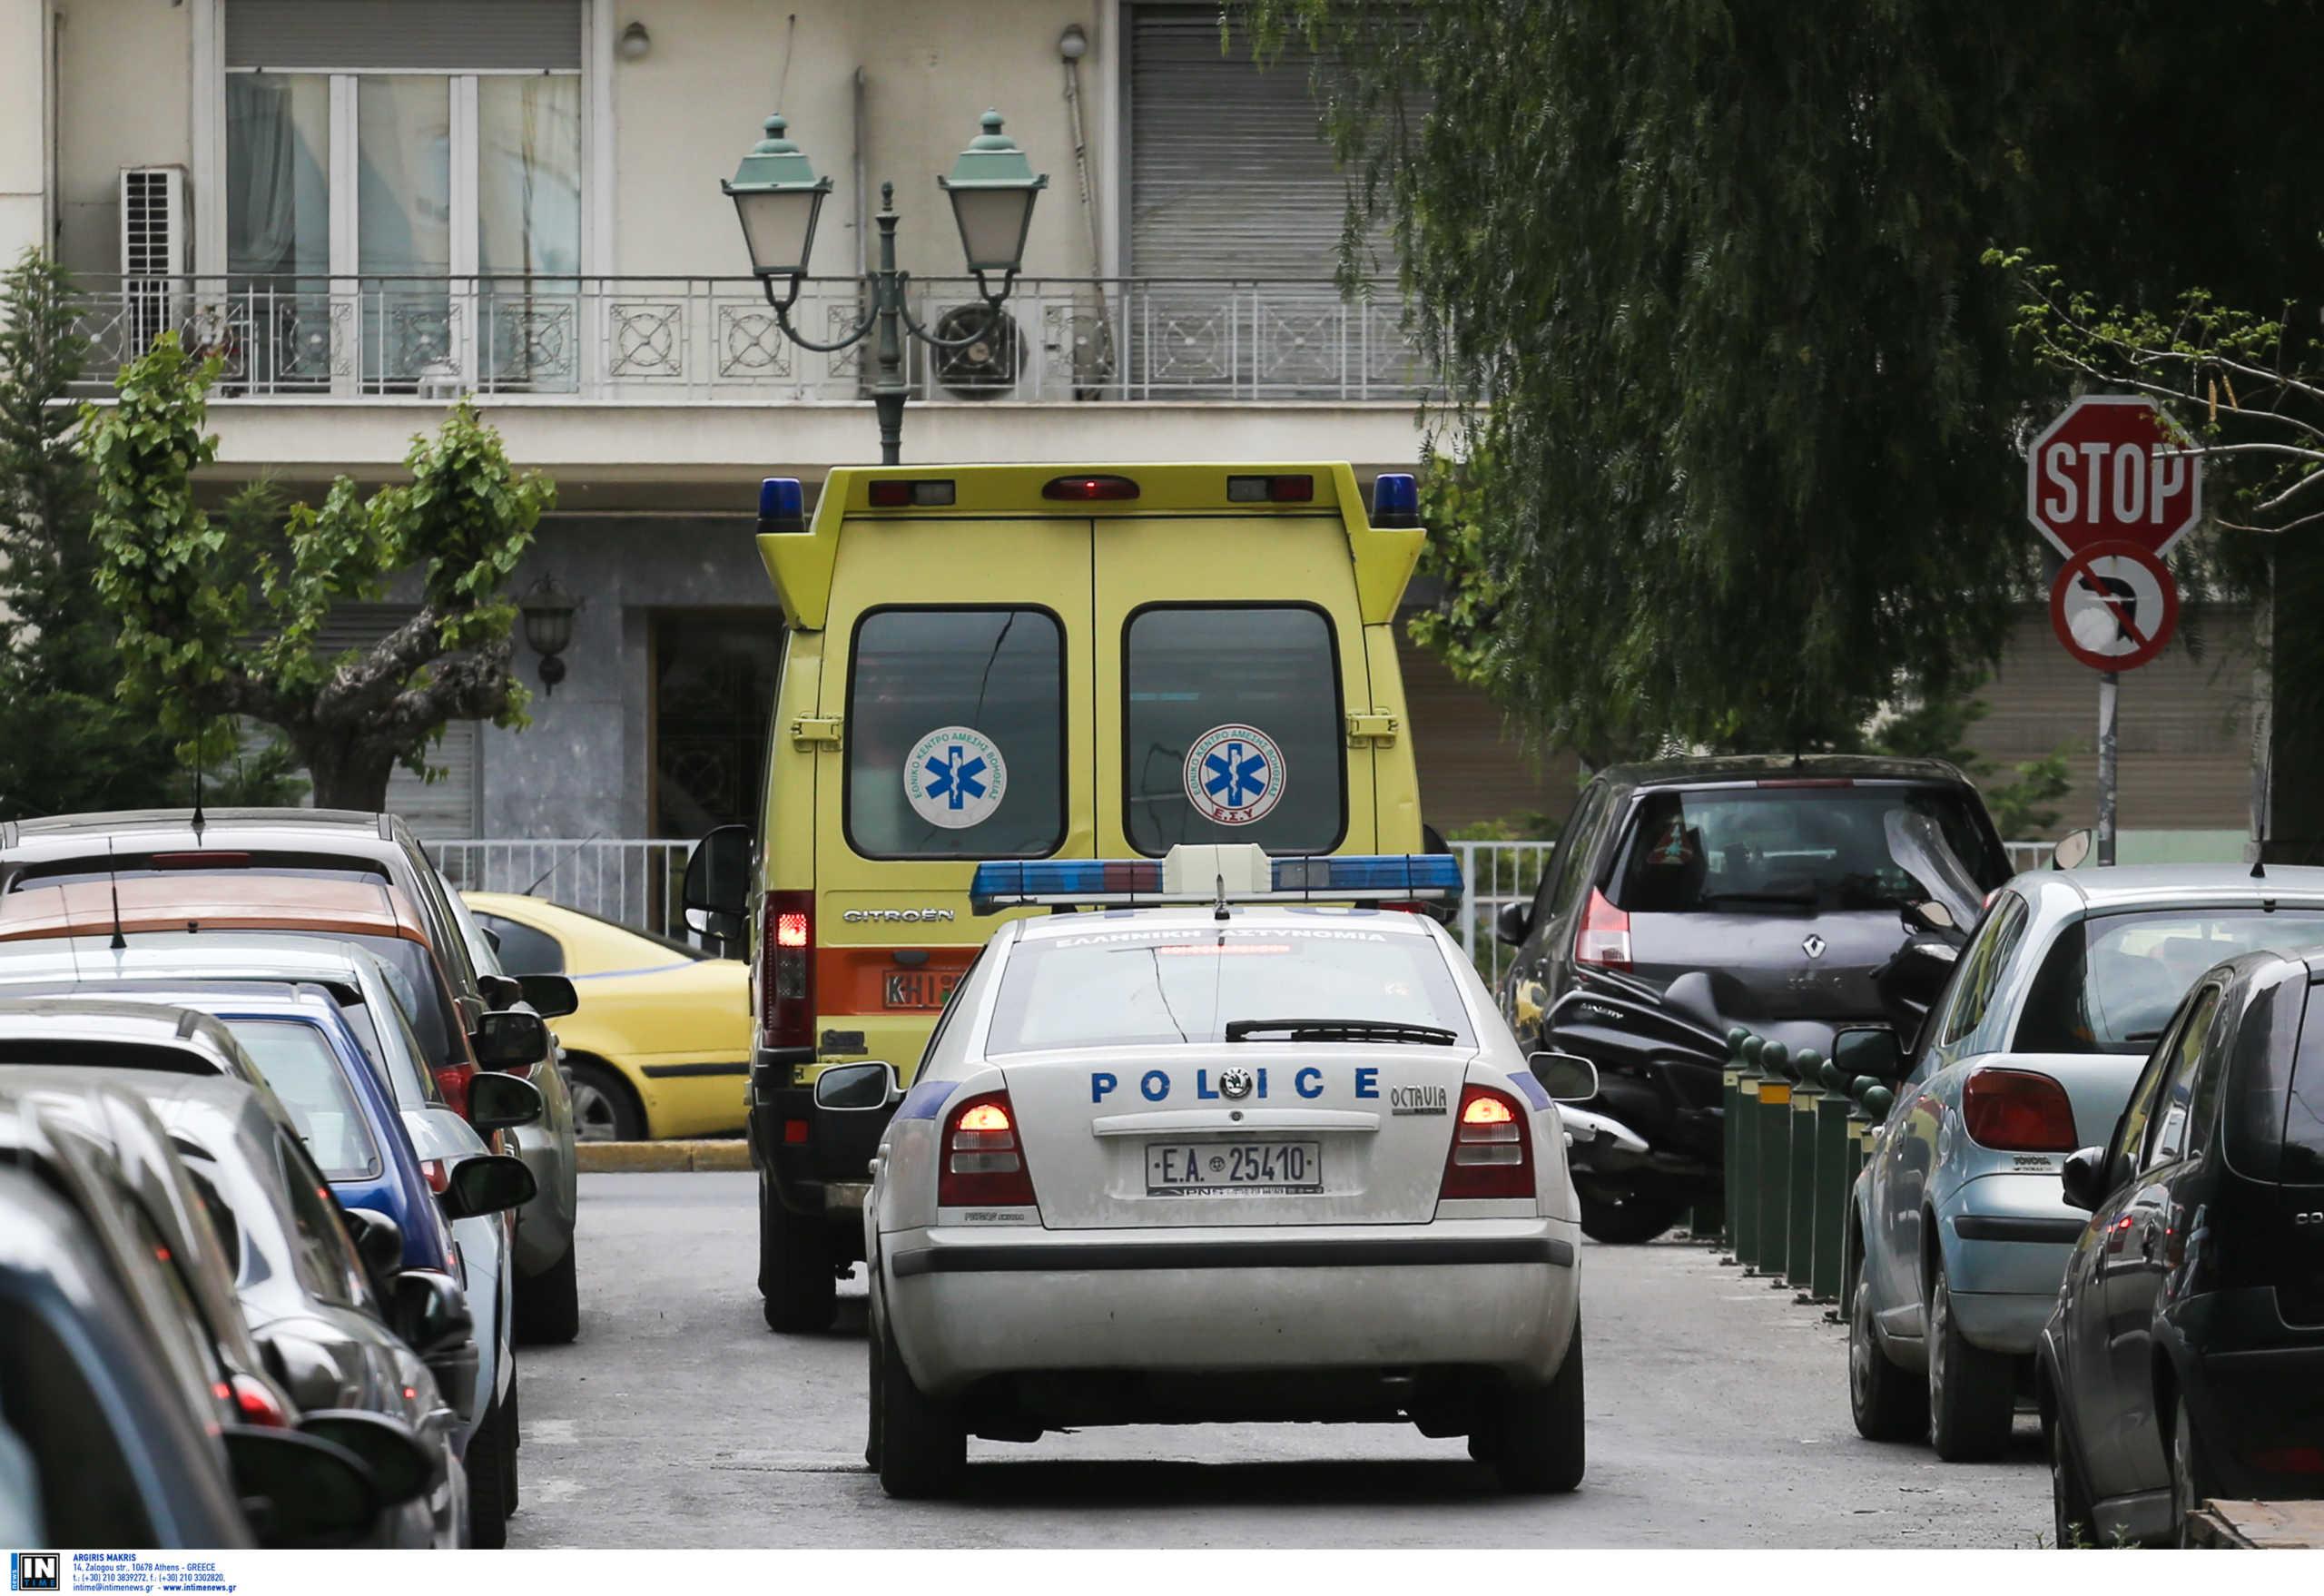 Κρήτη: Σκοτώθηκε δίπλα στη γυναίκα του! Συγκλονίζουν τα δάκρυα των τραυματισμένων παιδιών για τον πατέρα τους (Βίντεο)